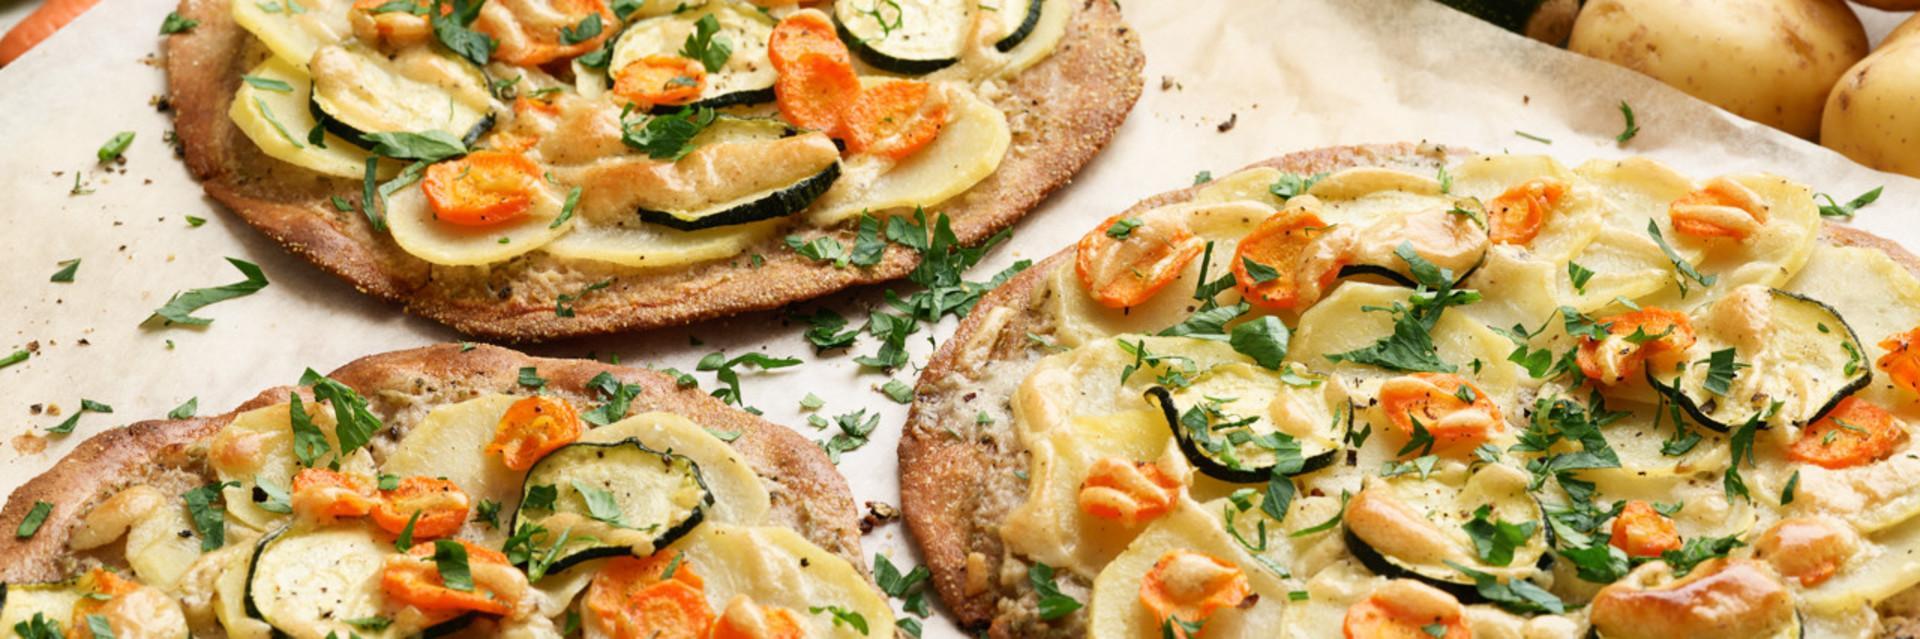 Frühlingshaftes Gericht aus pflanzlichen Lebensmittel